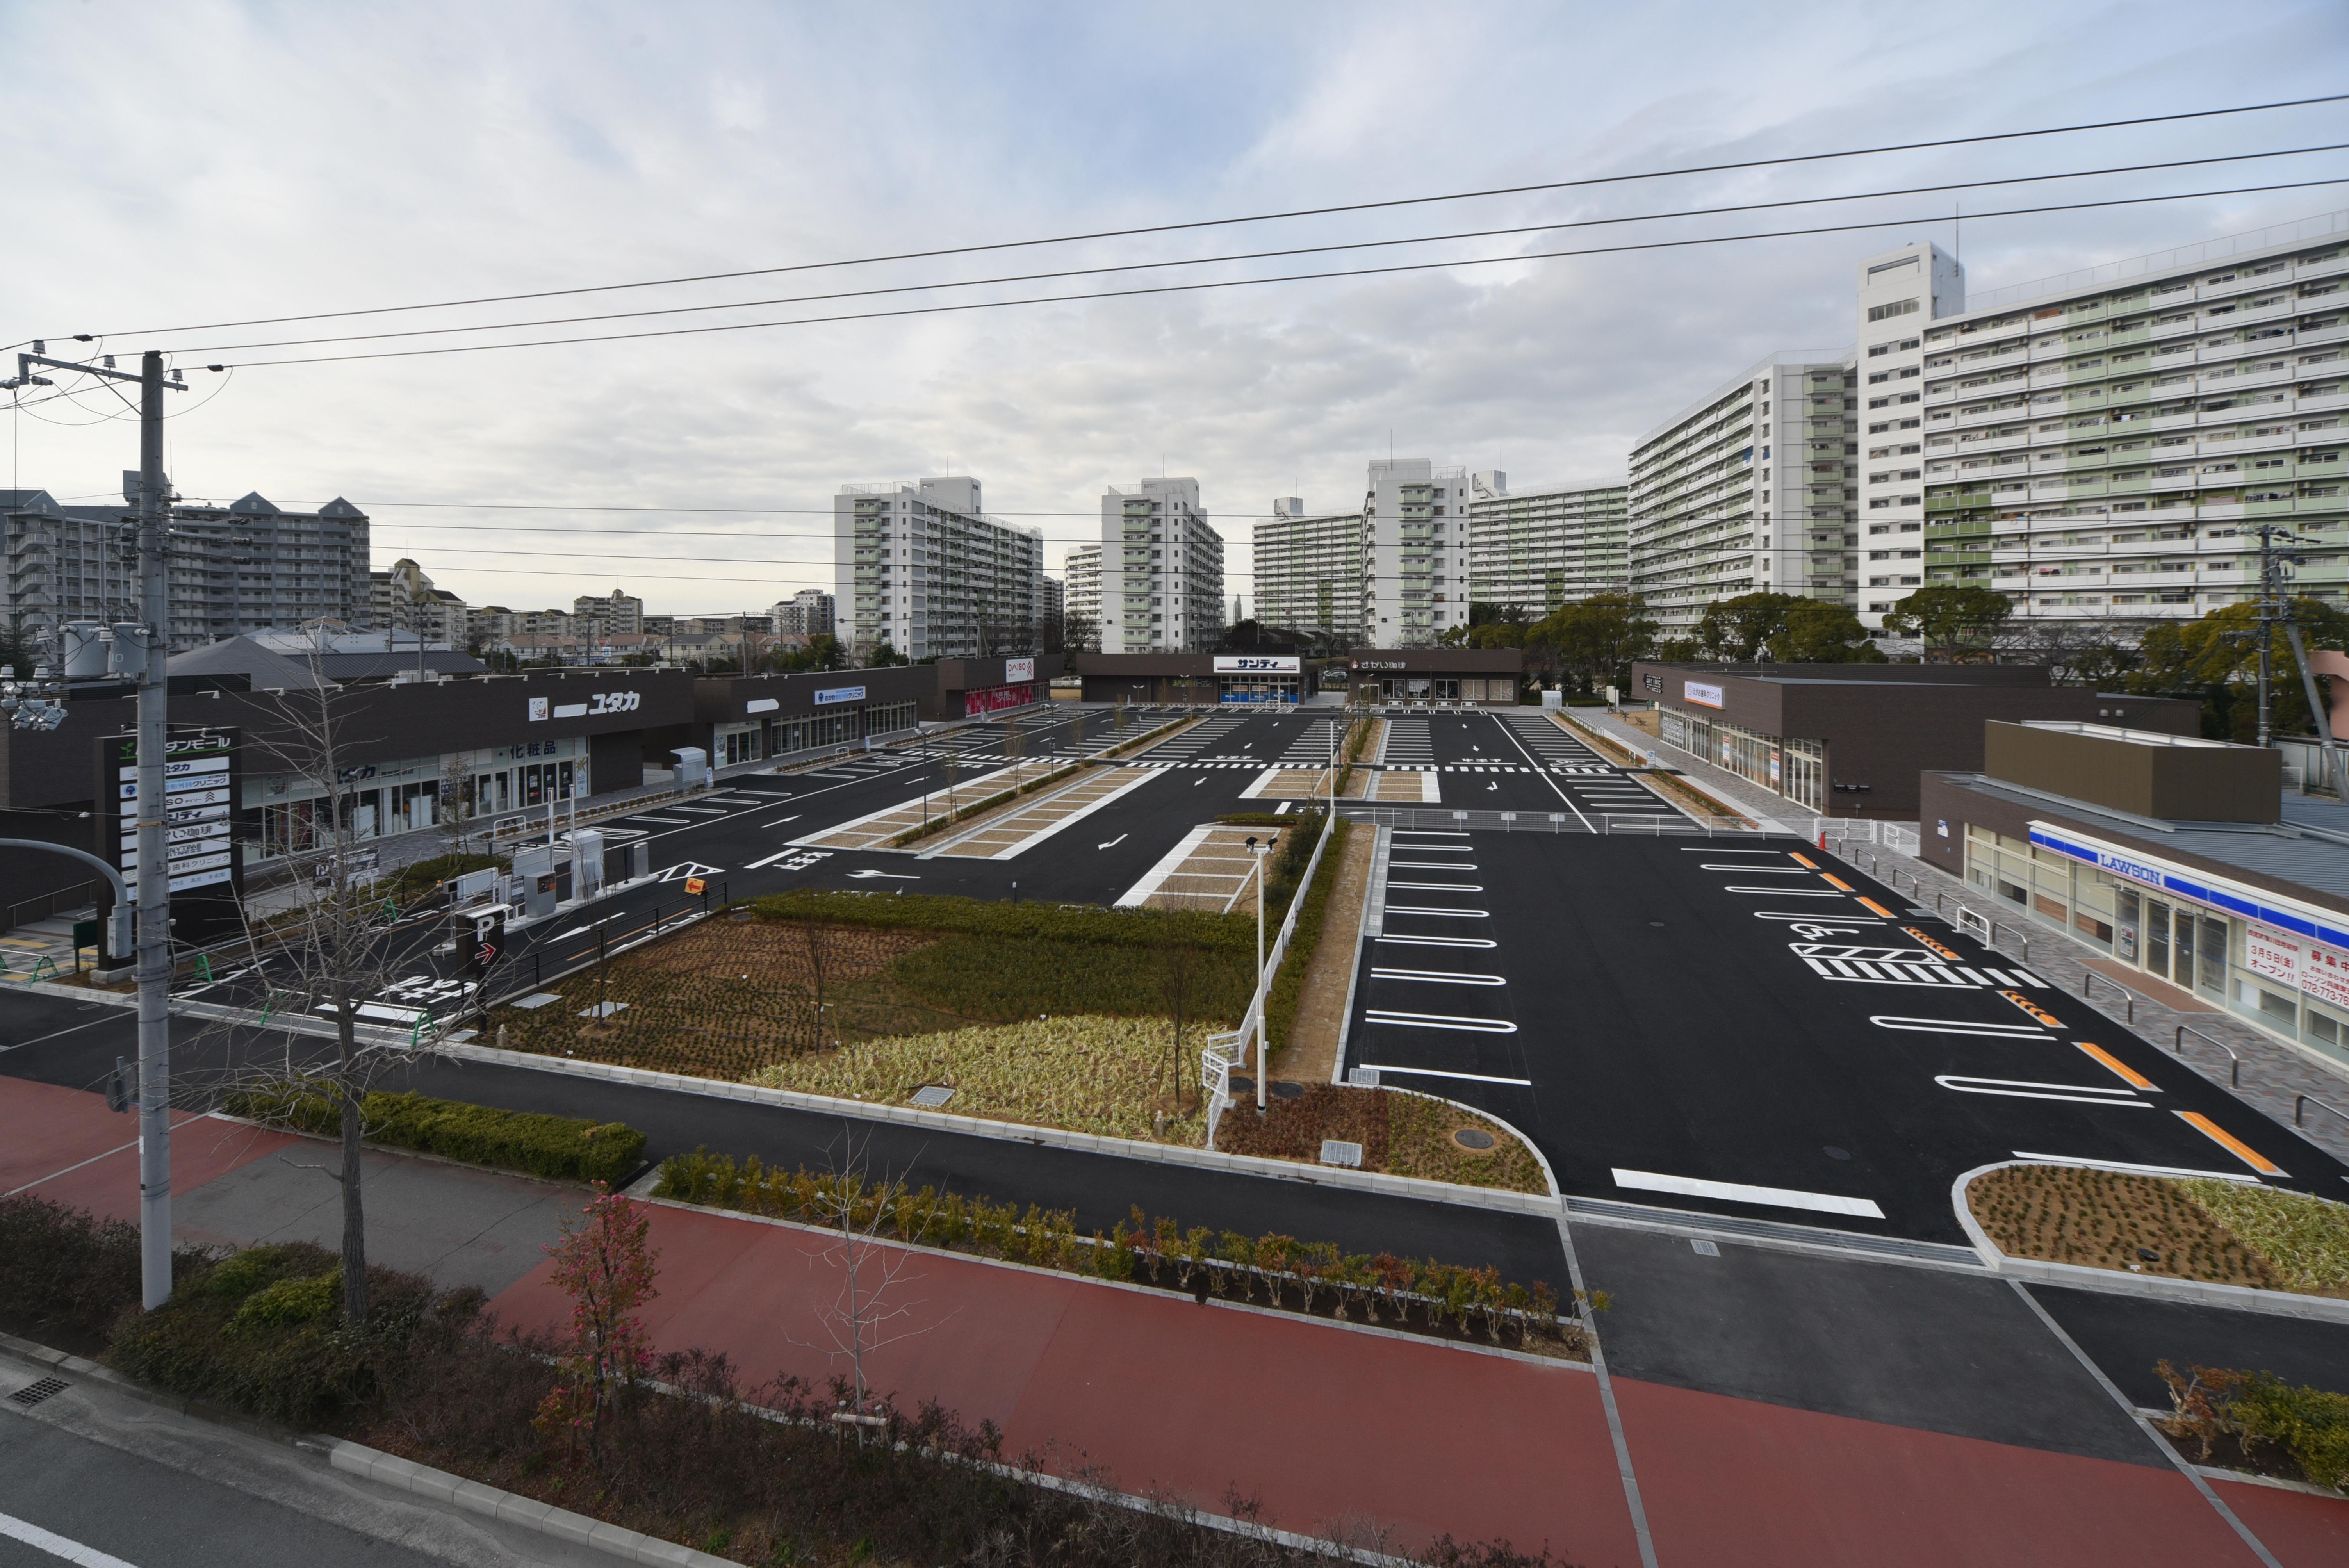 ムコダンモール(旧高須東小学校跡地開発)